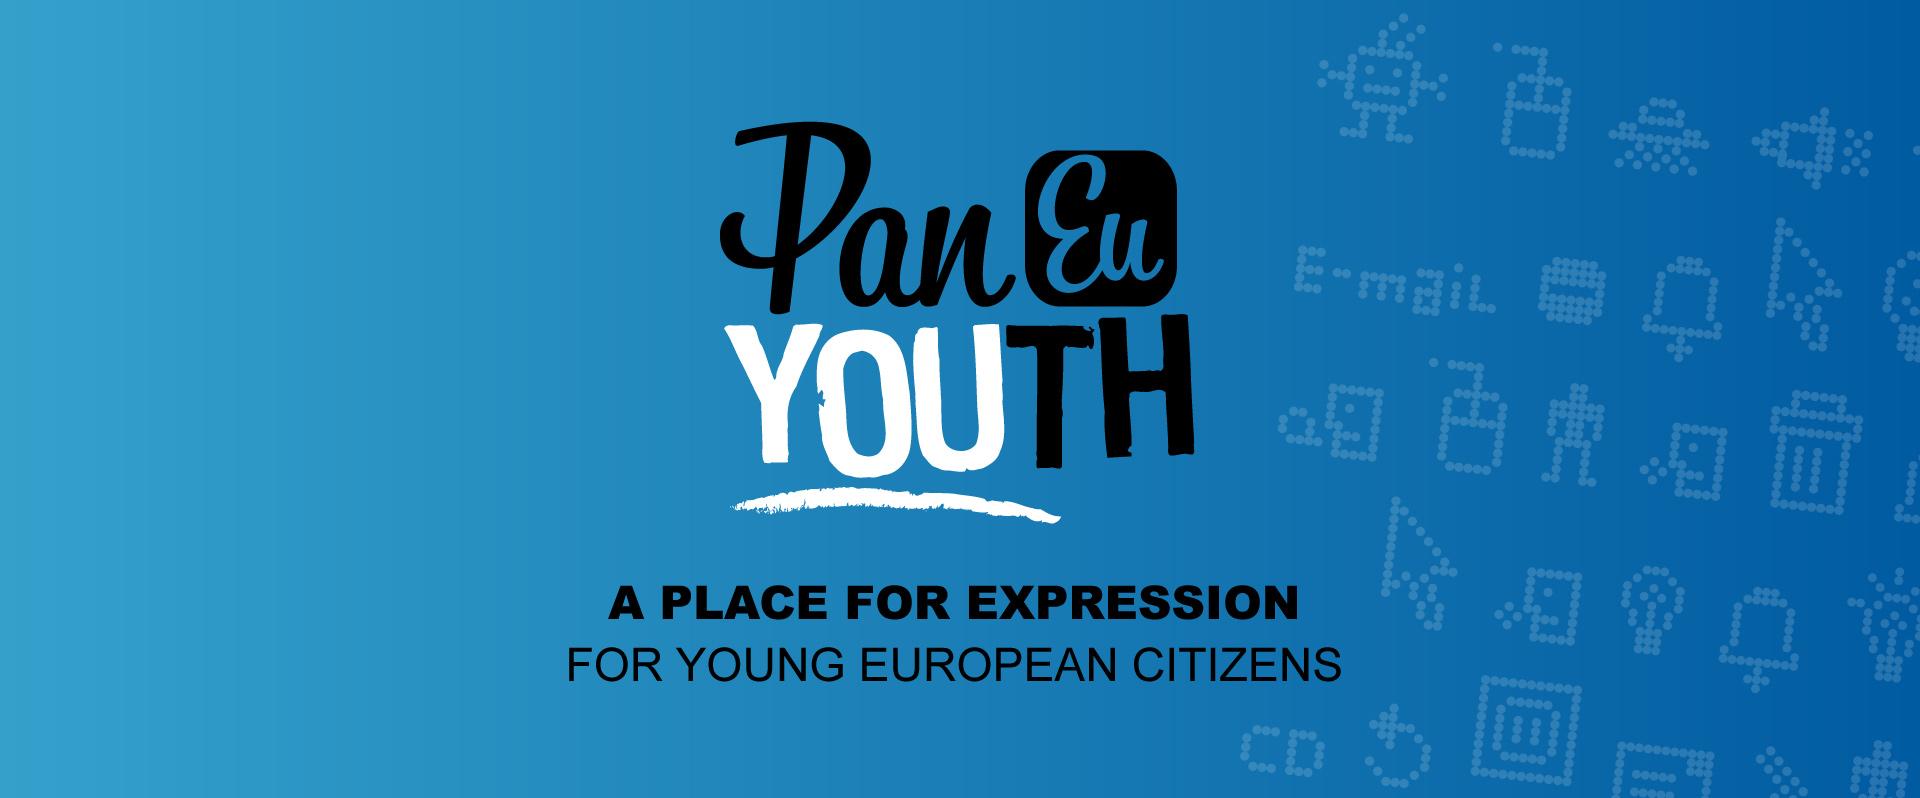 logo-pan-eu-youth